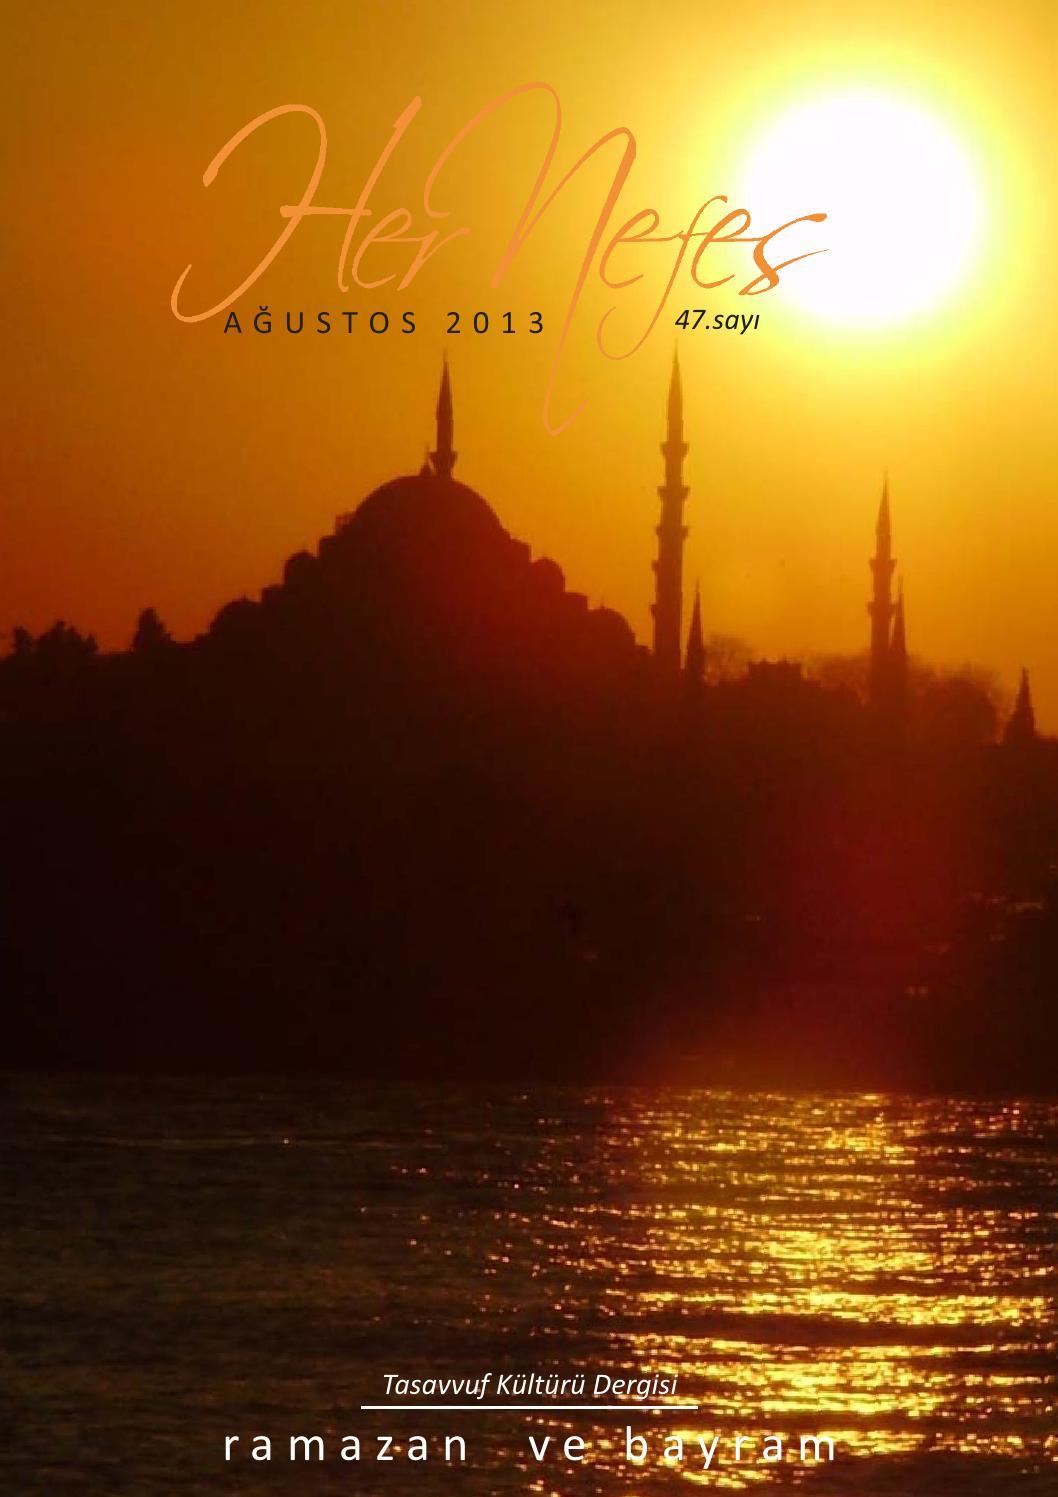 Her Nefes Agustos 2013 Ramazan Ve Bayram By Nefes Yayinevi Issuu